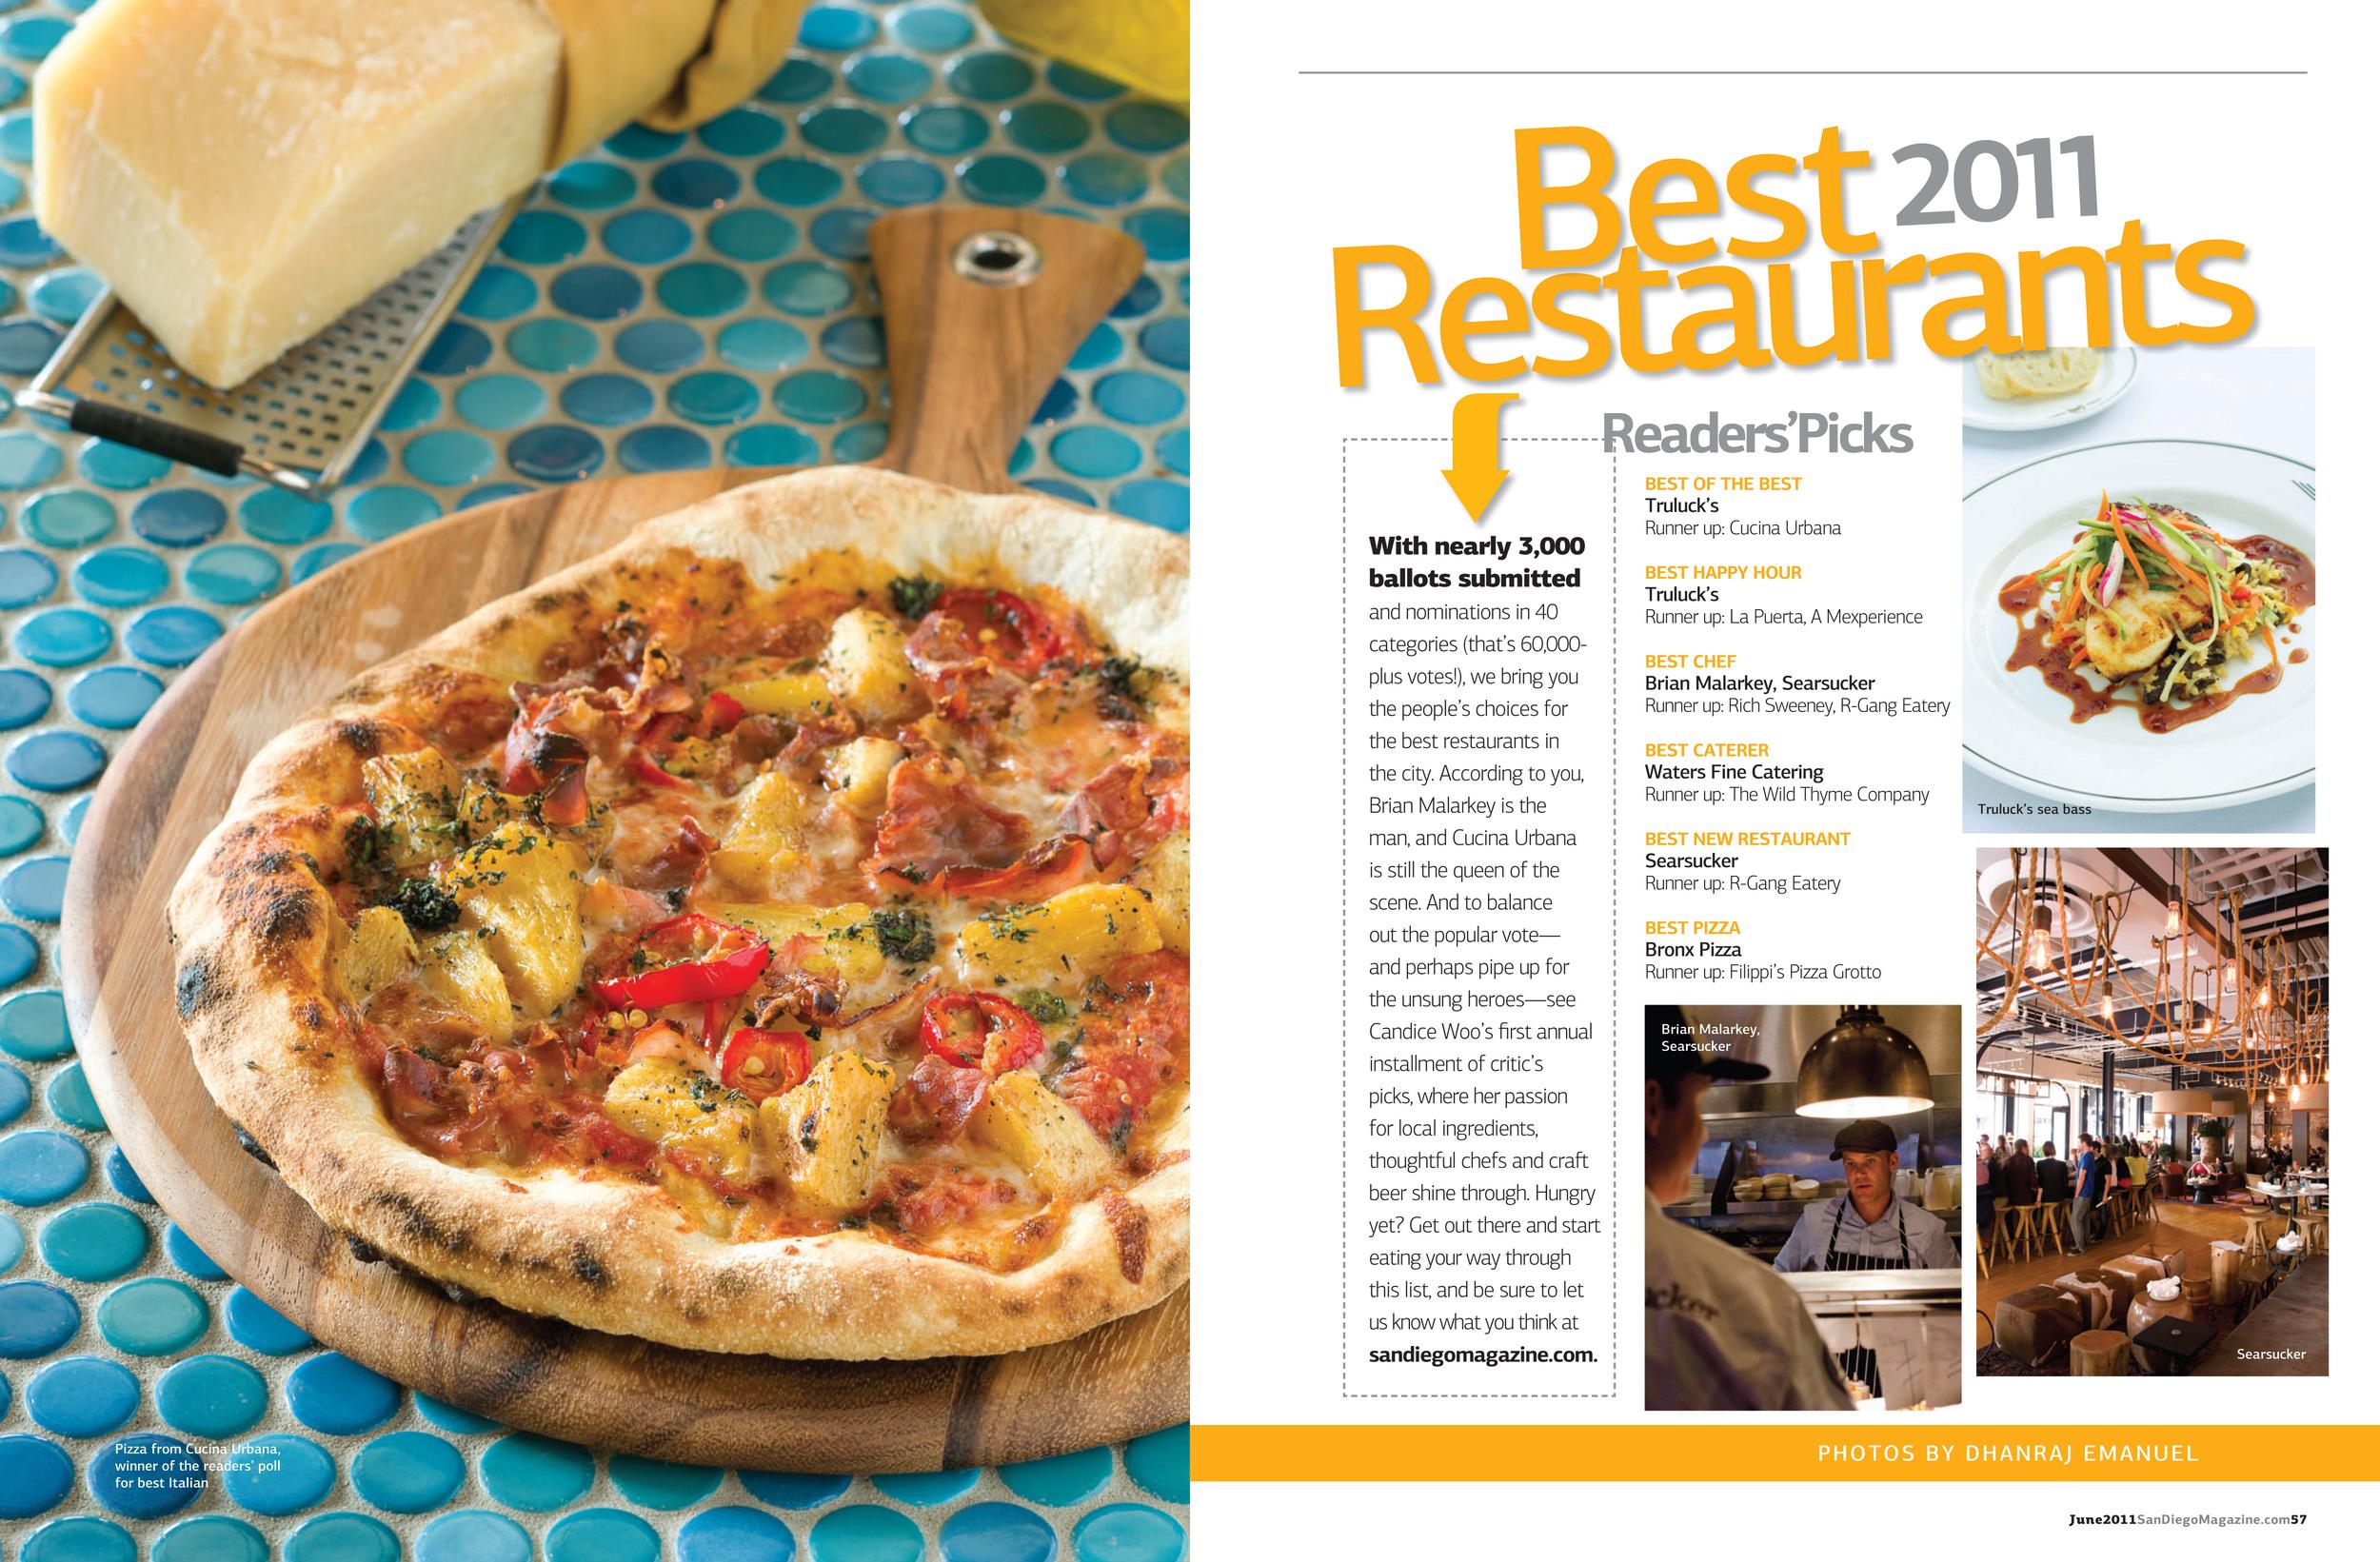 BestRestaurant June 11-1.jpg